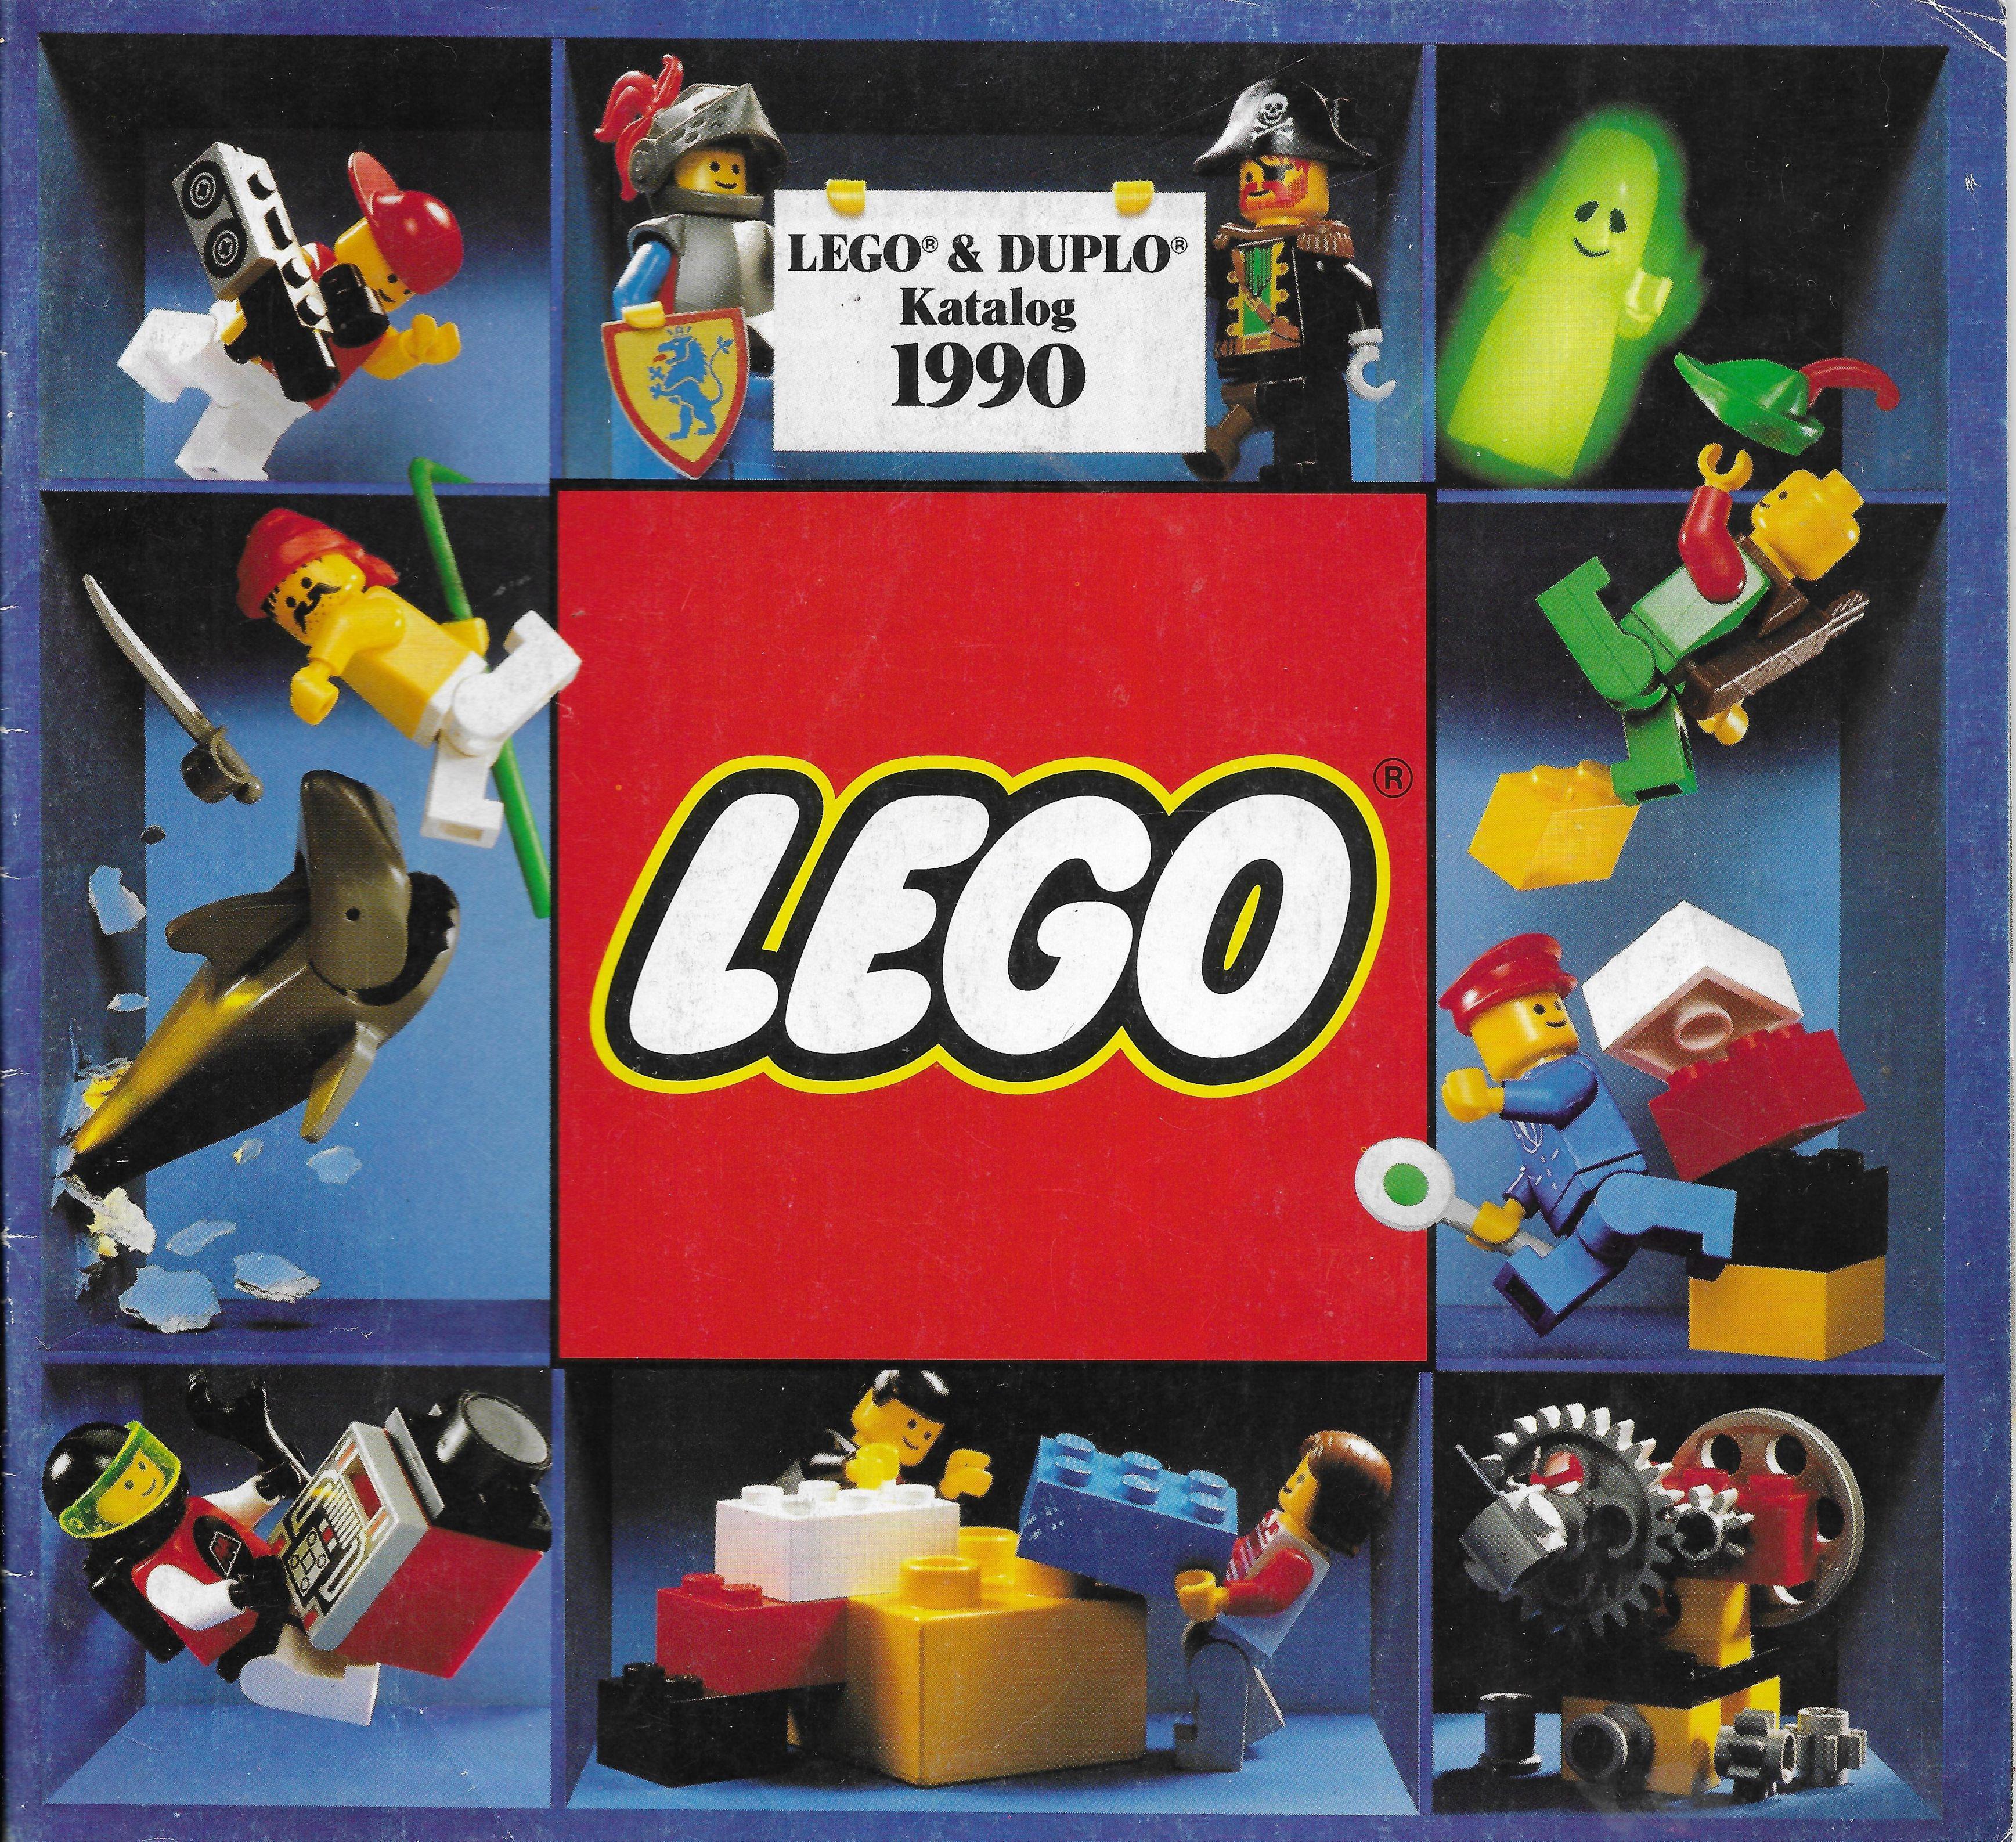 Német Lego katalógus 1990-ből